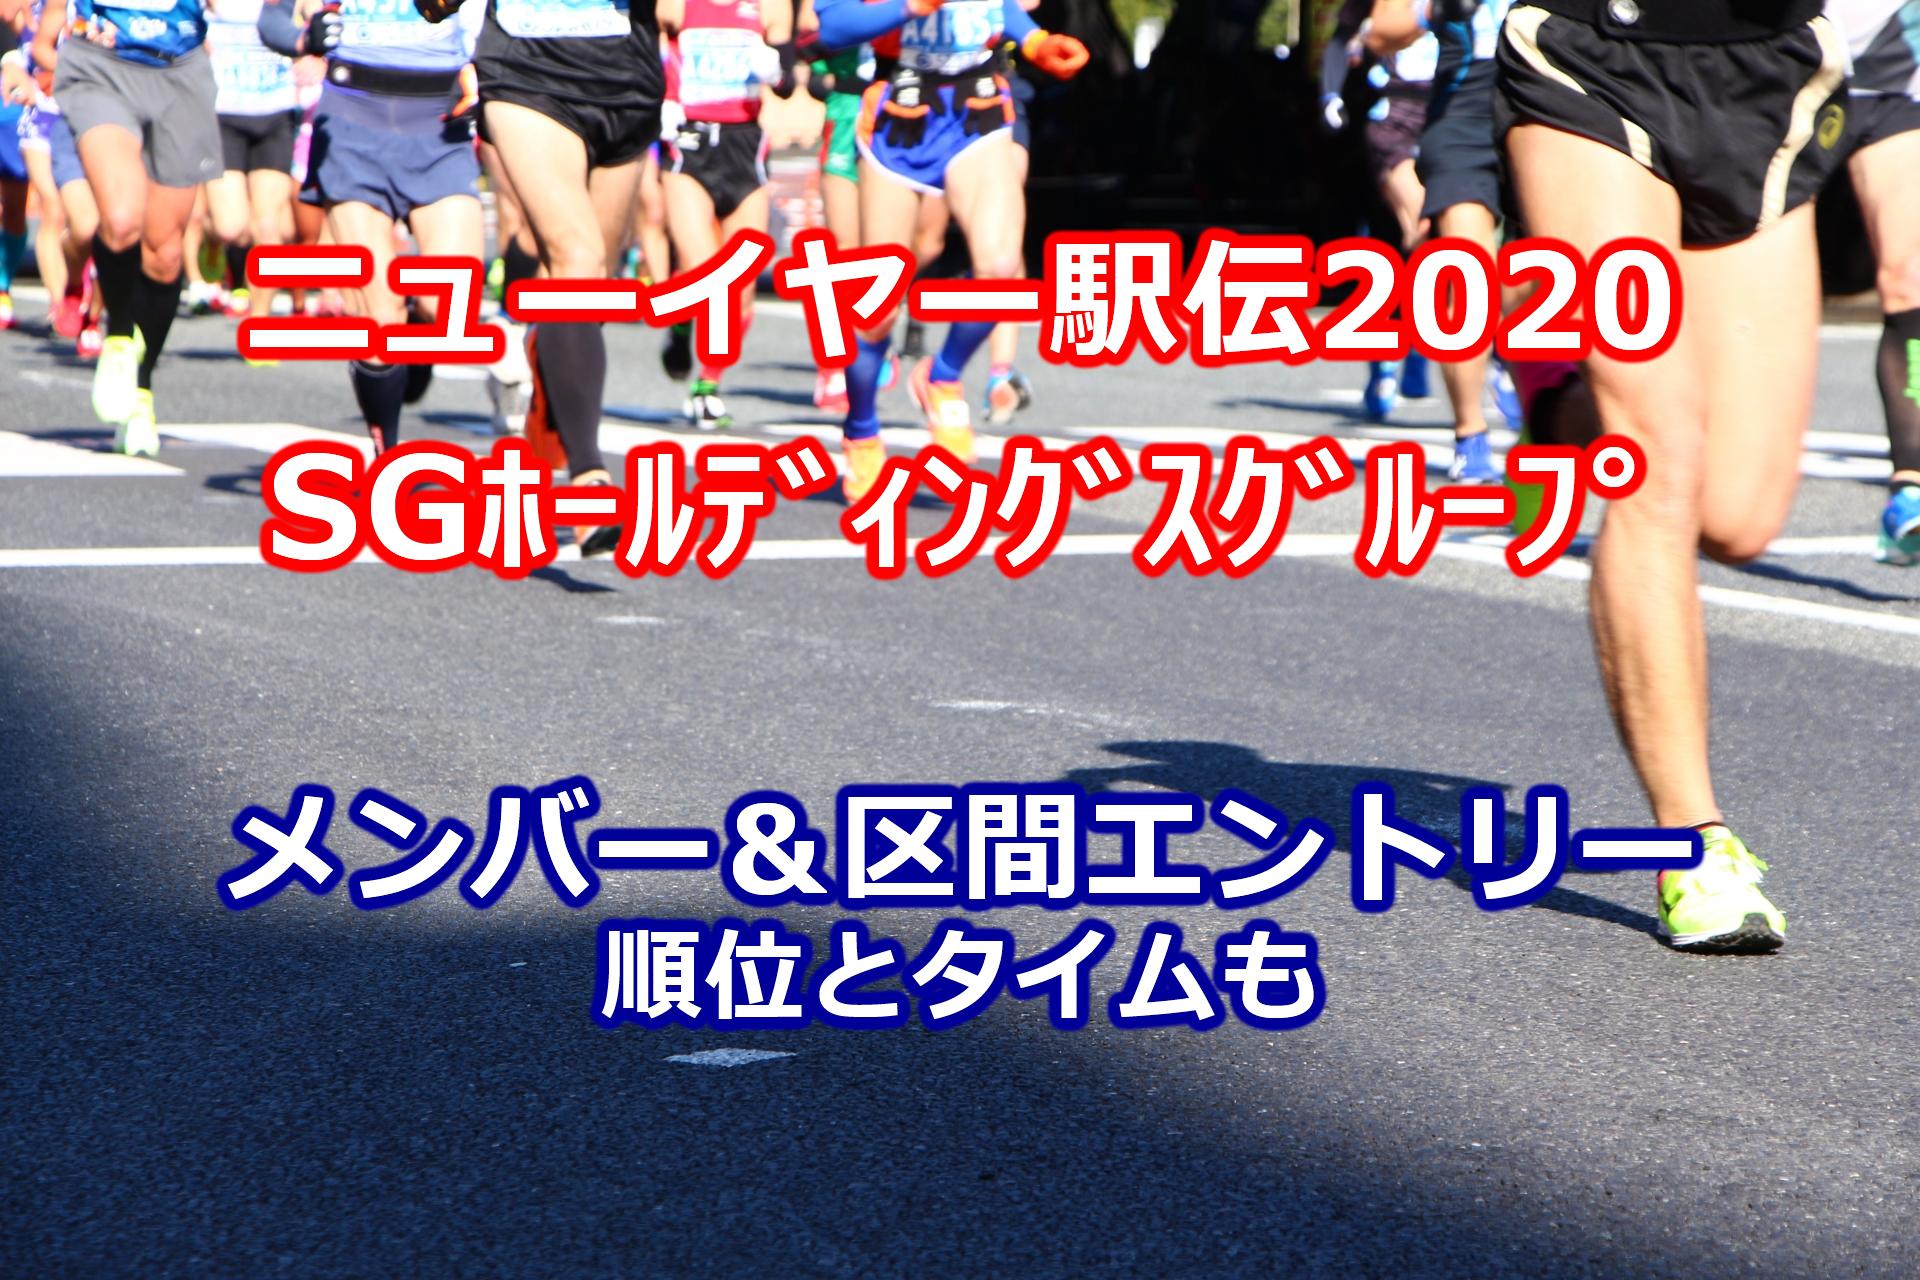 ニューイヤー駅伝2020SGホールディングスグループメンバー・区間エントリー・結果・順位・タイムまとめ